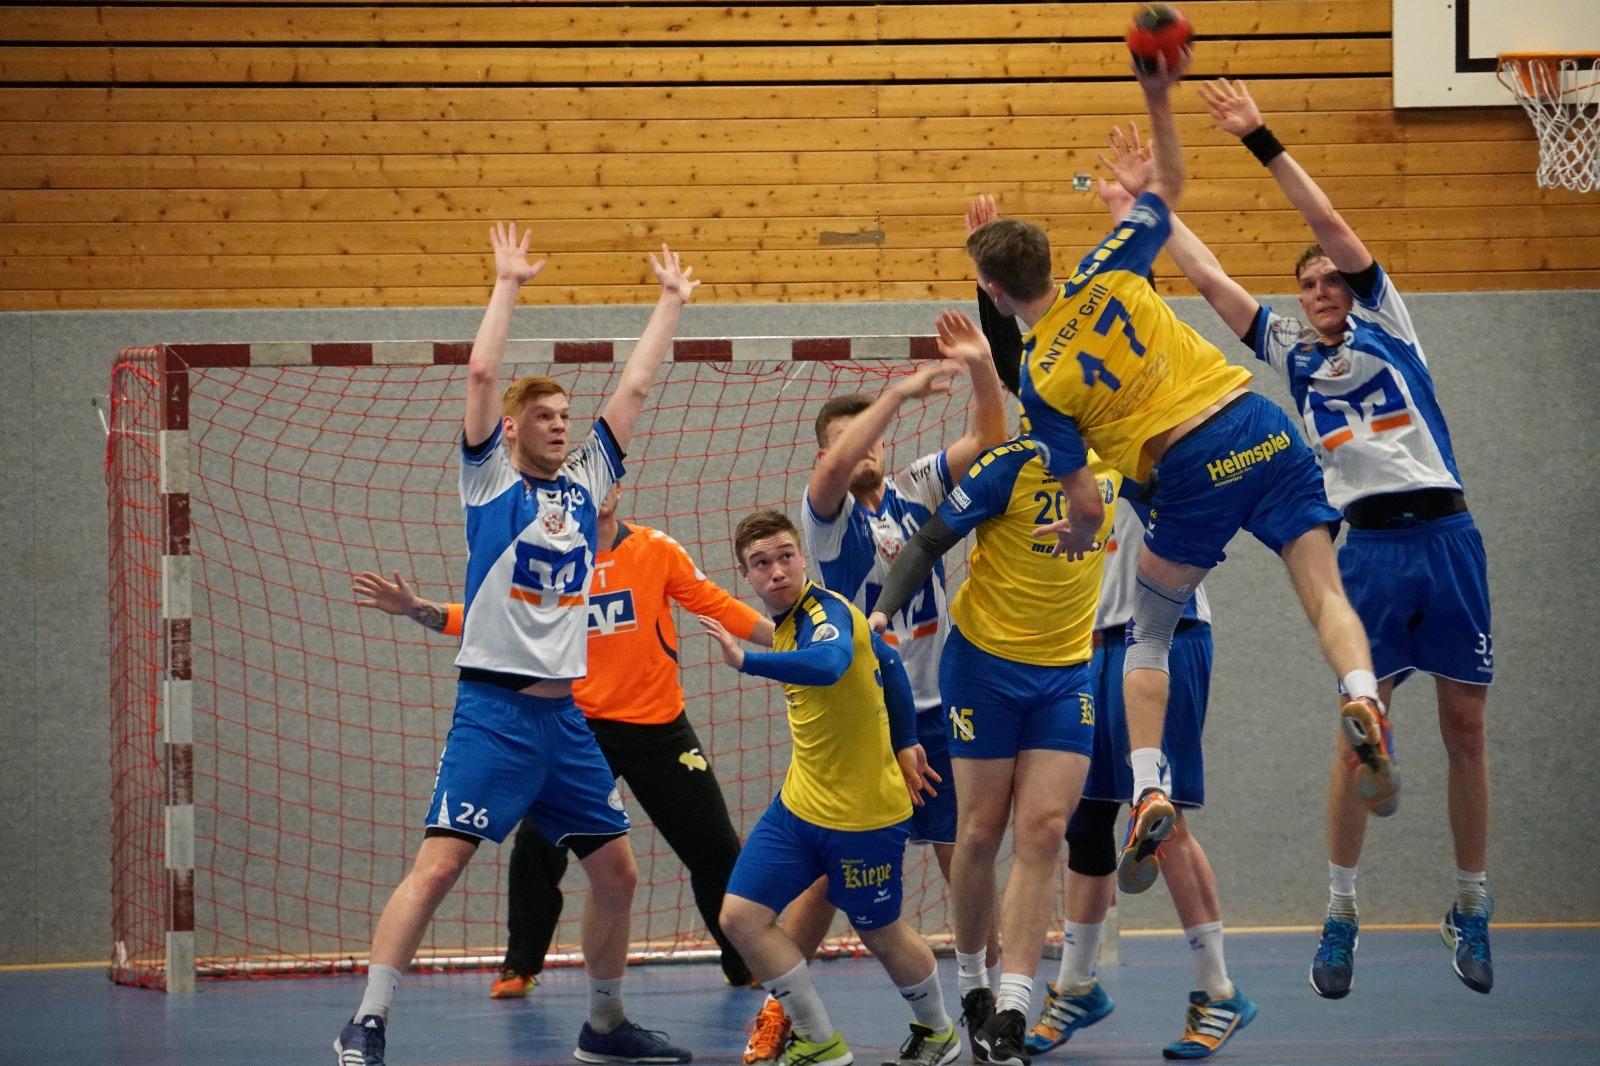 Handball Spiel HSG Gremmendorf Angelmodde gegen Telgte Freiwurf